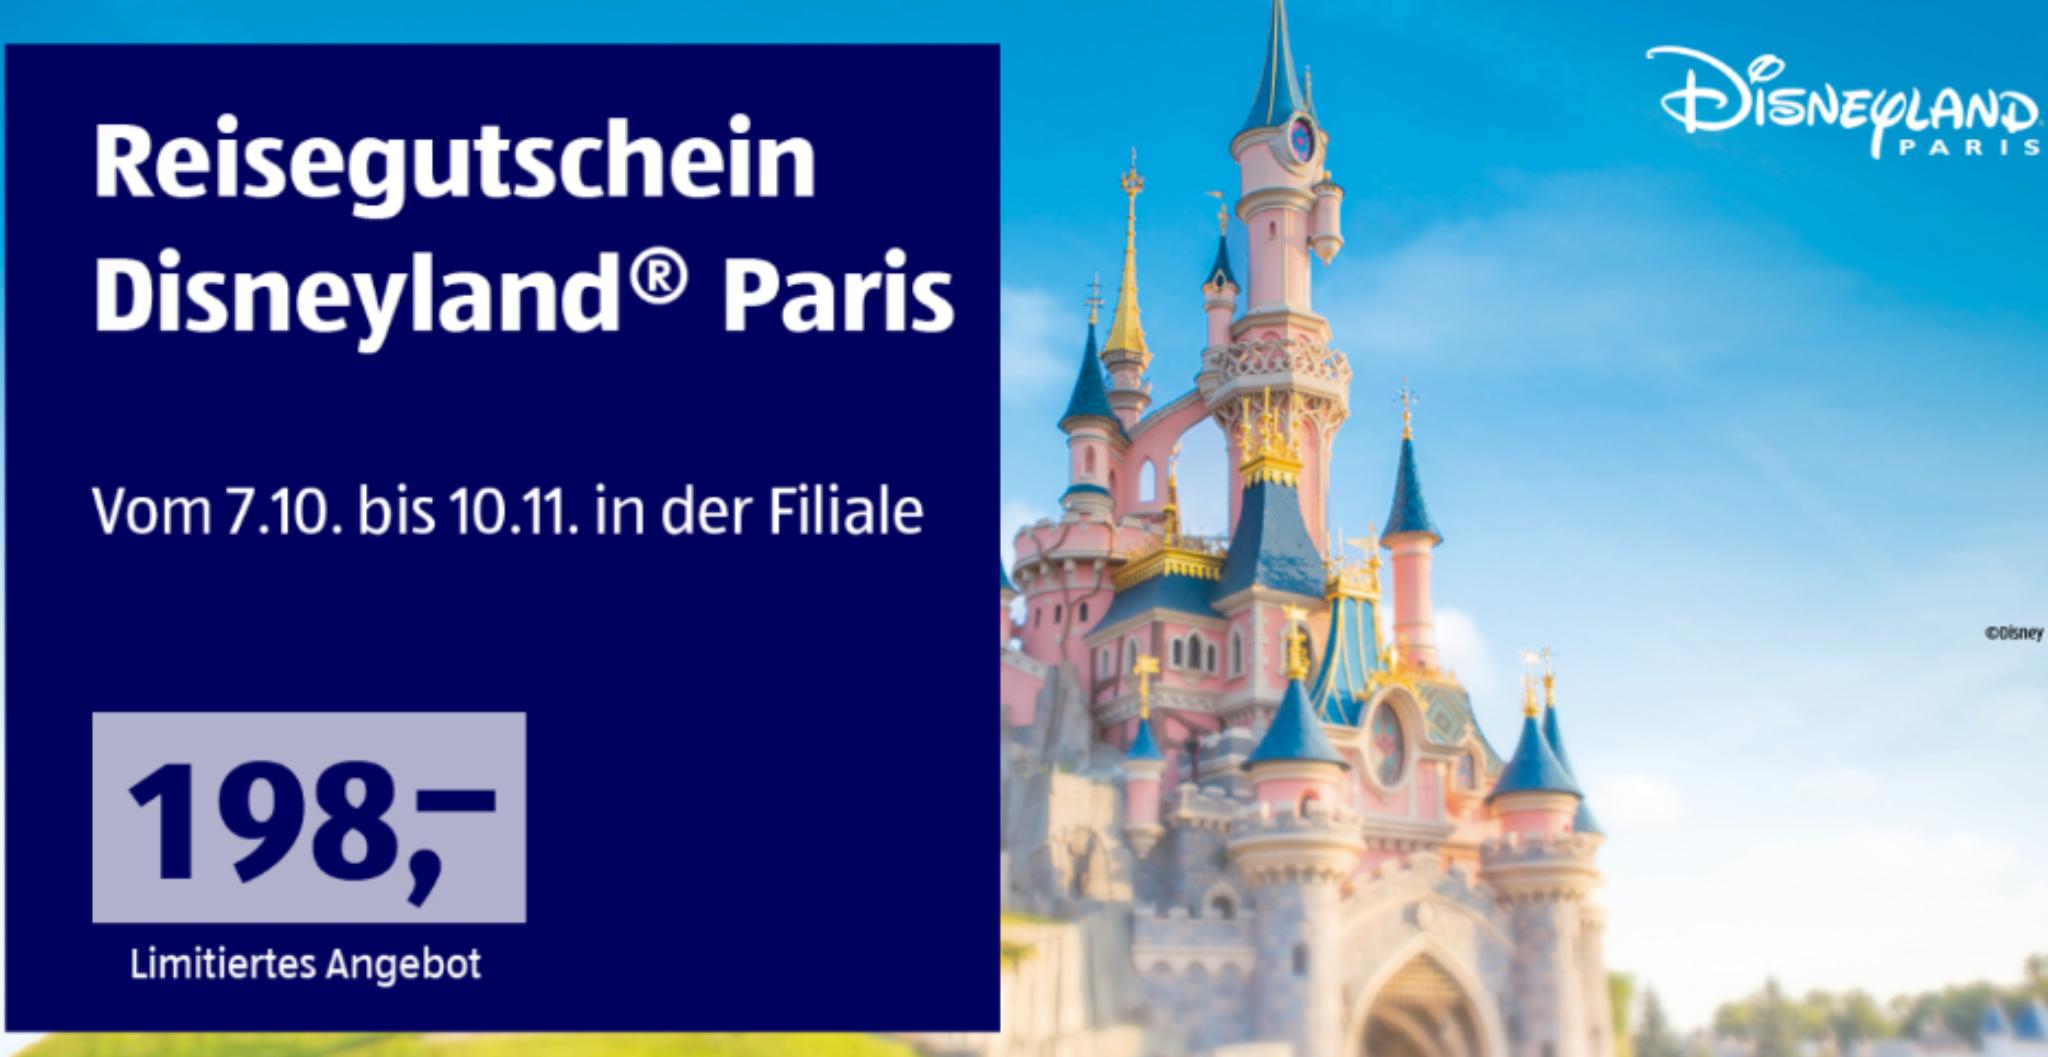 Aldi Reise Disneyland Paris [NUR FILIALE]!